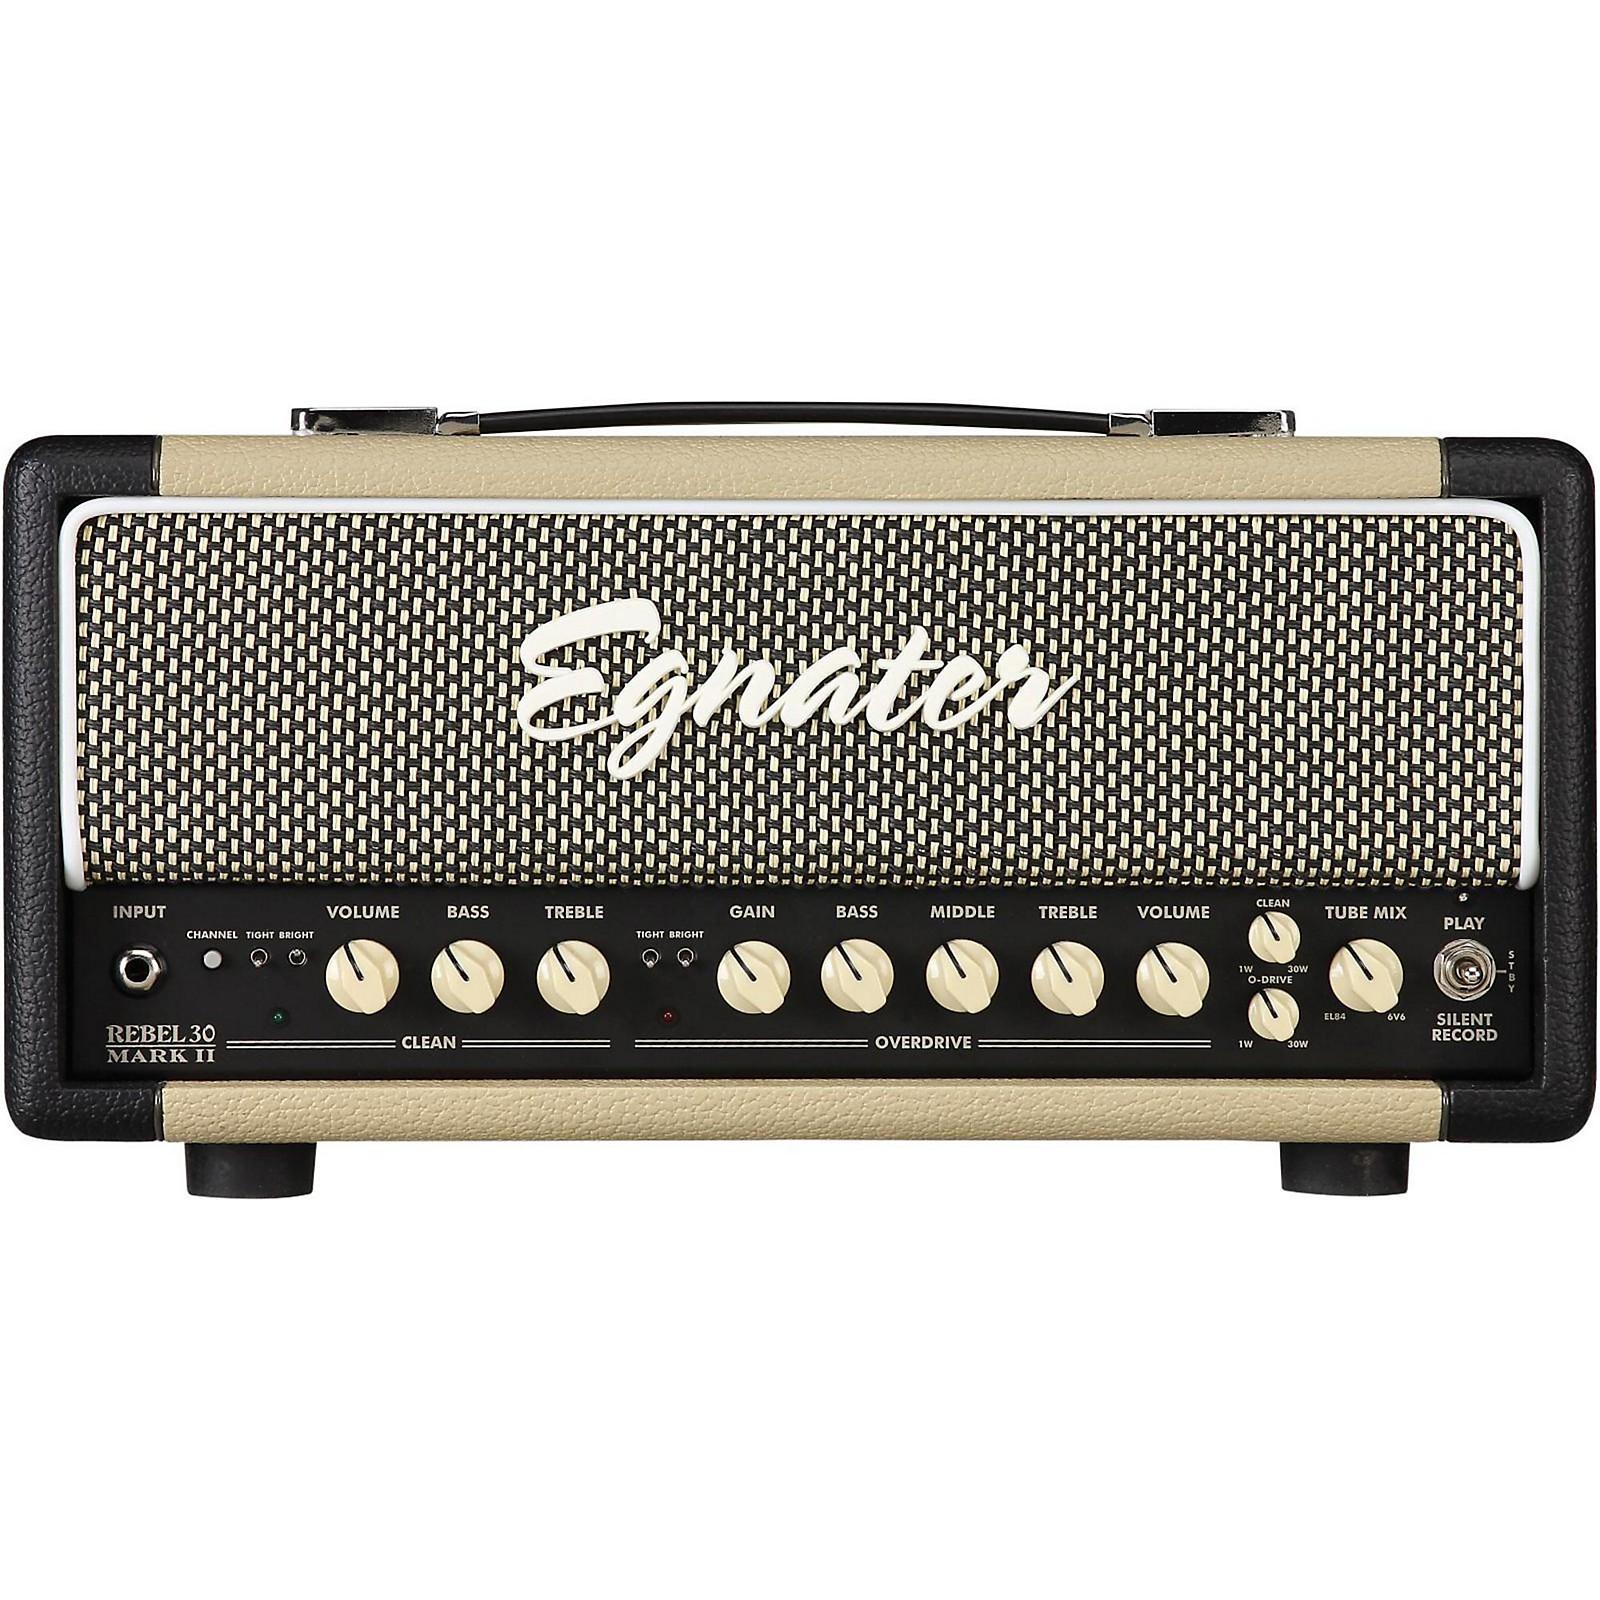 Egnater Rebel-30 Mark II 30W Guitar Tube Head